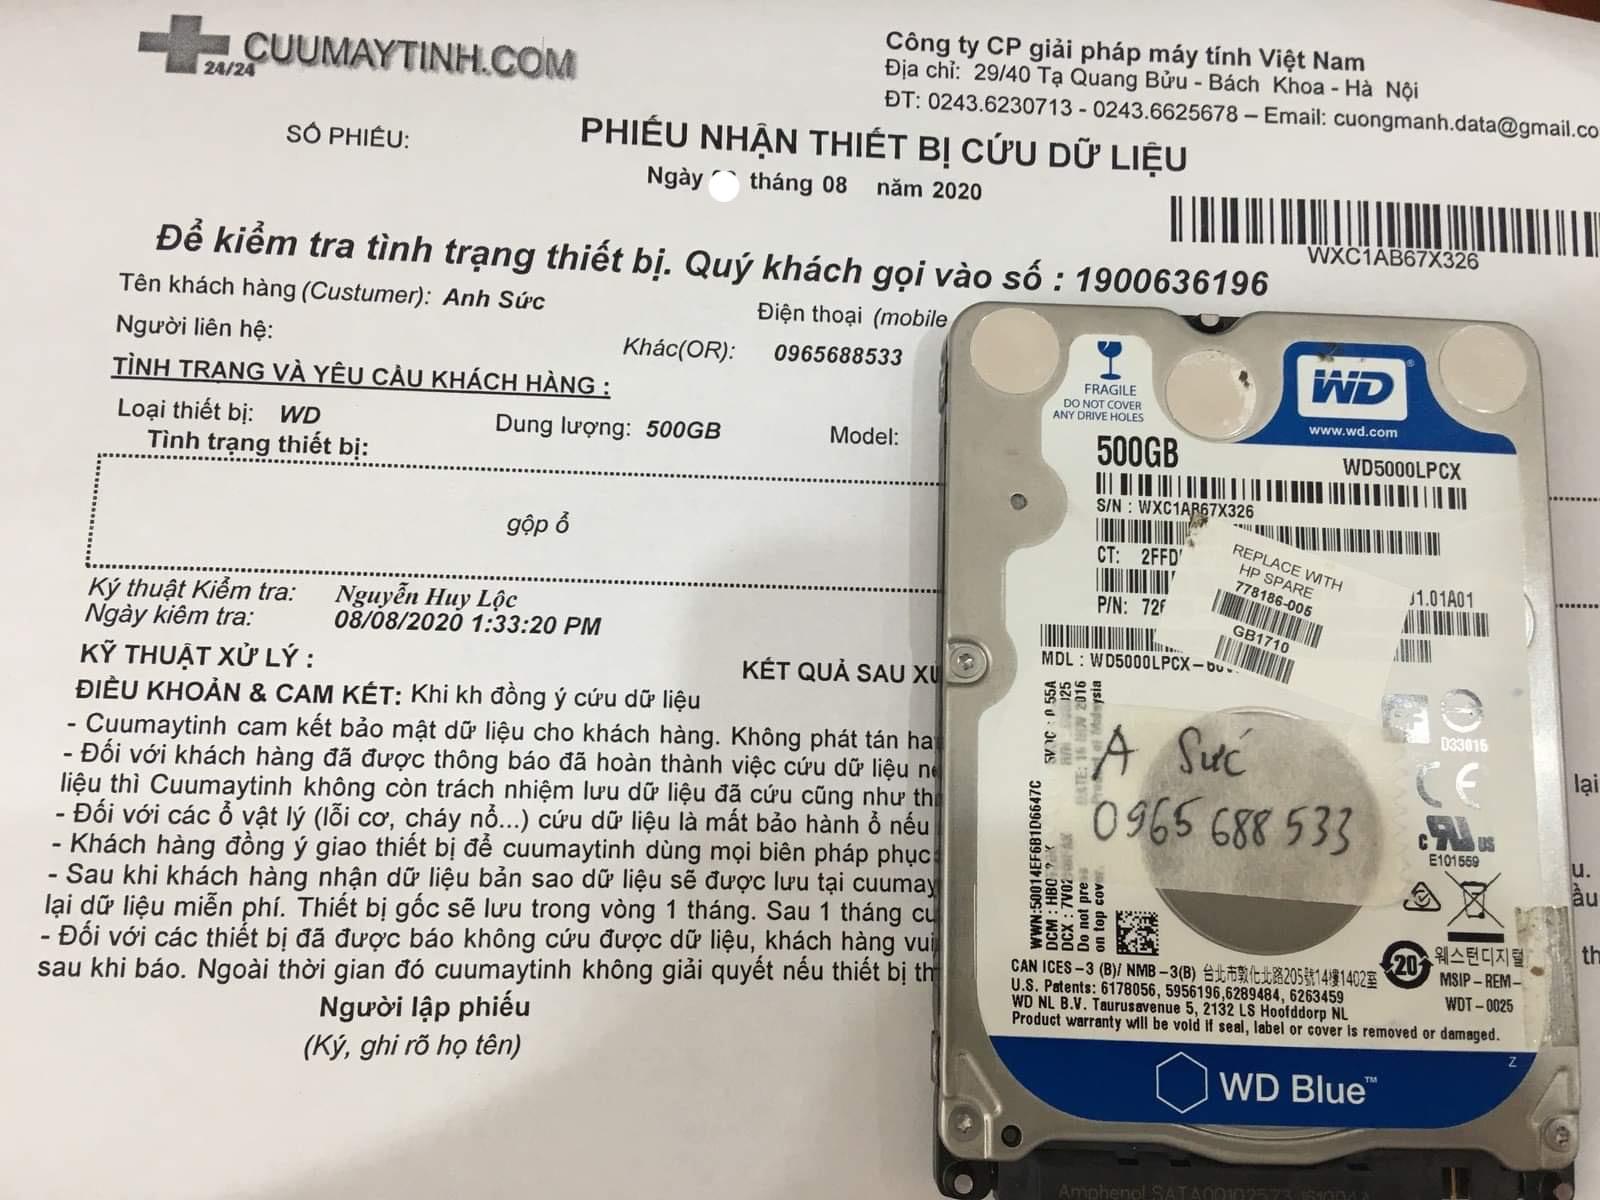 Phục hồi dữ liệu ổ cứng Western 500GB gộp ổ 06/08/2020 - cuumaytinh